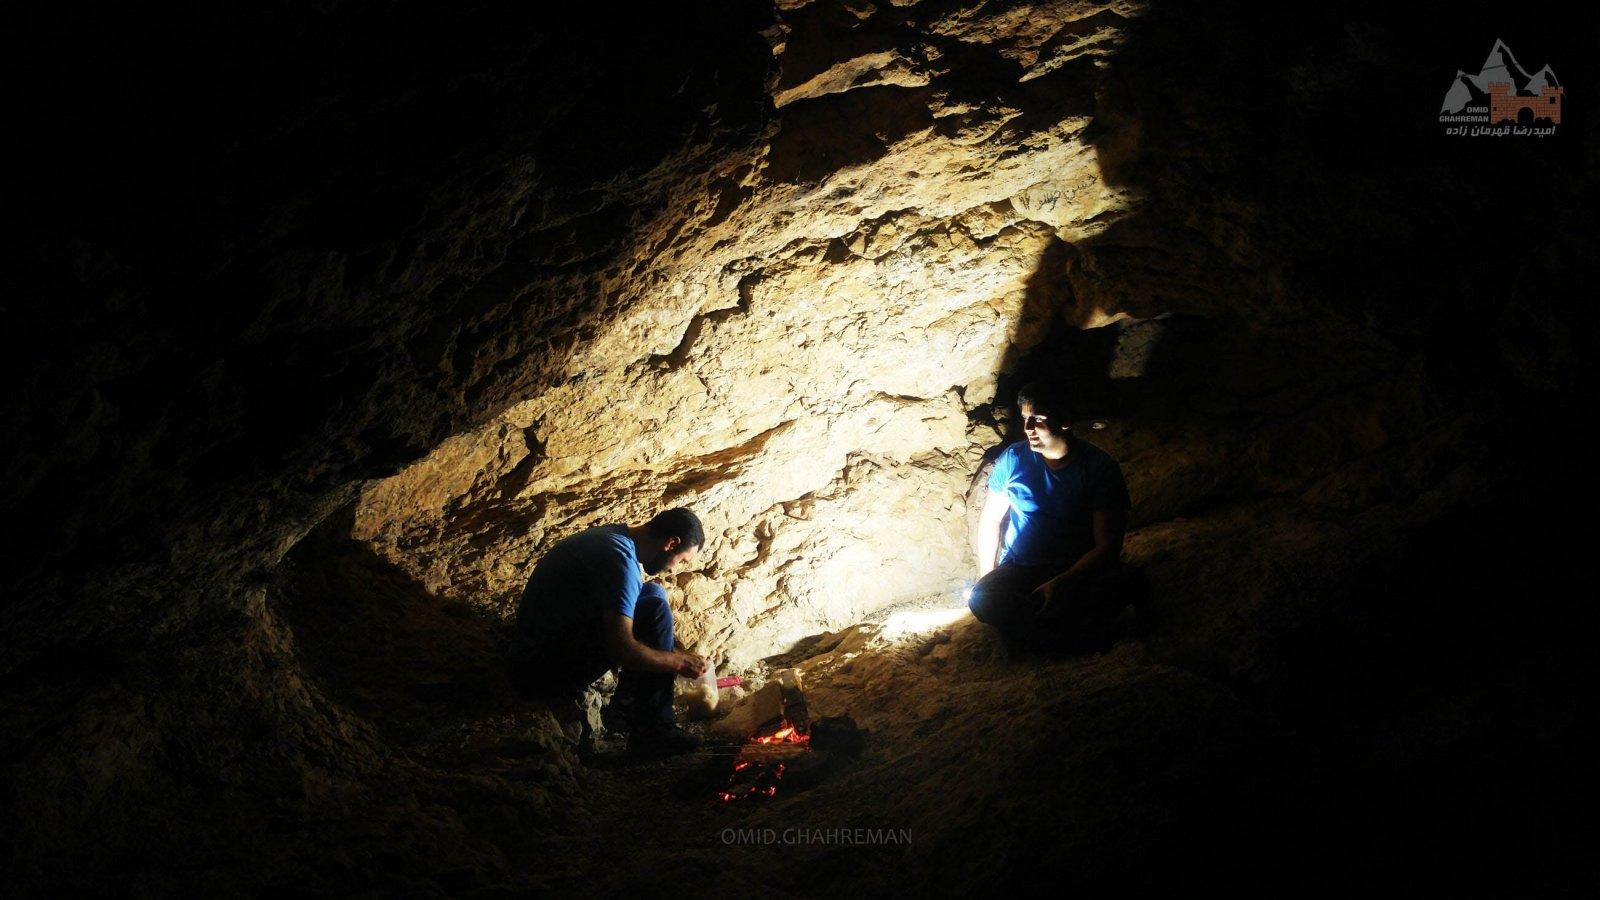 شب مانی در کوههای ماکو